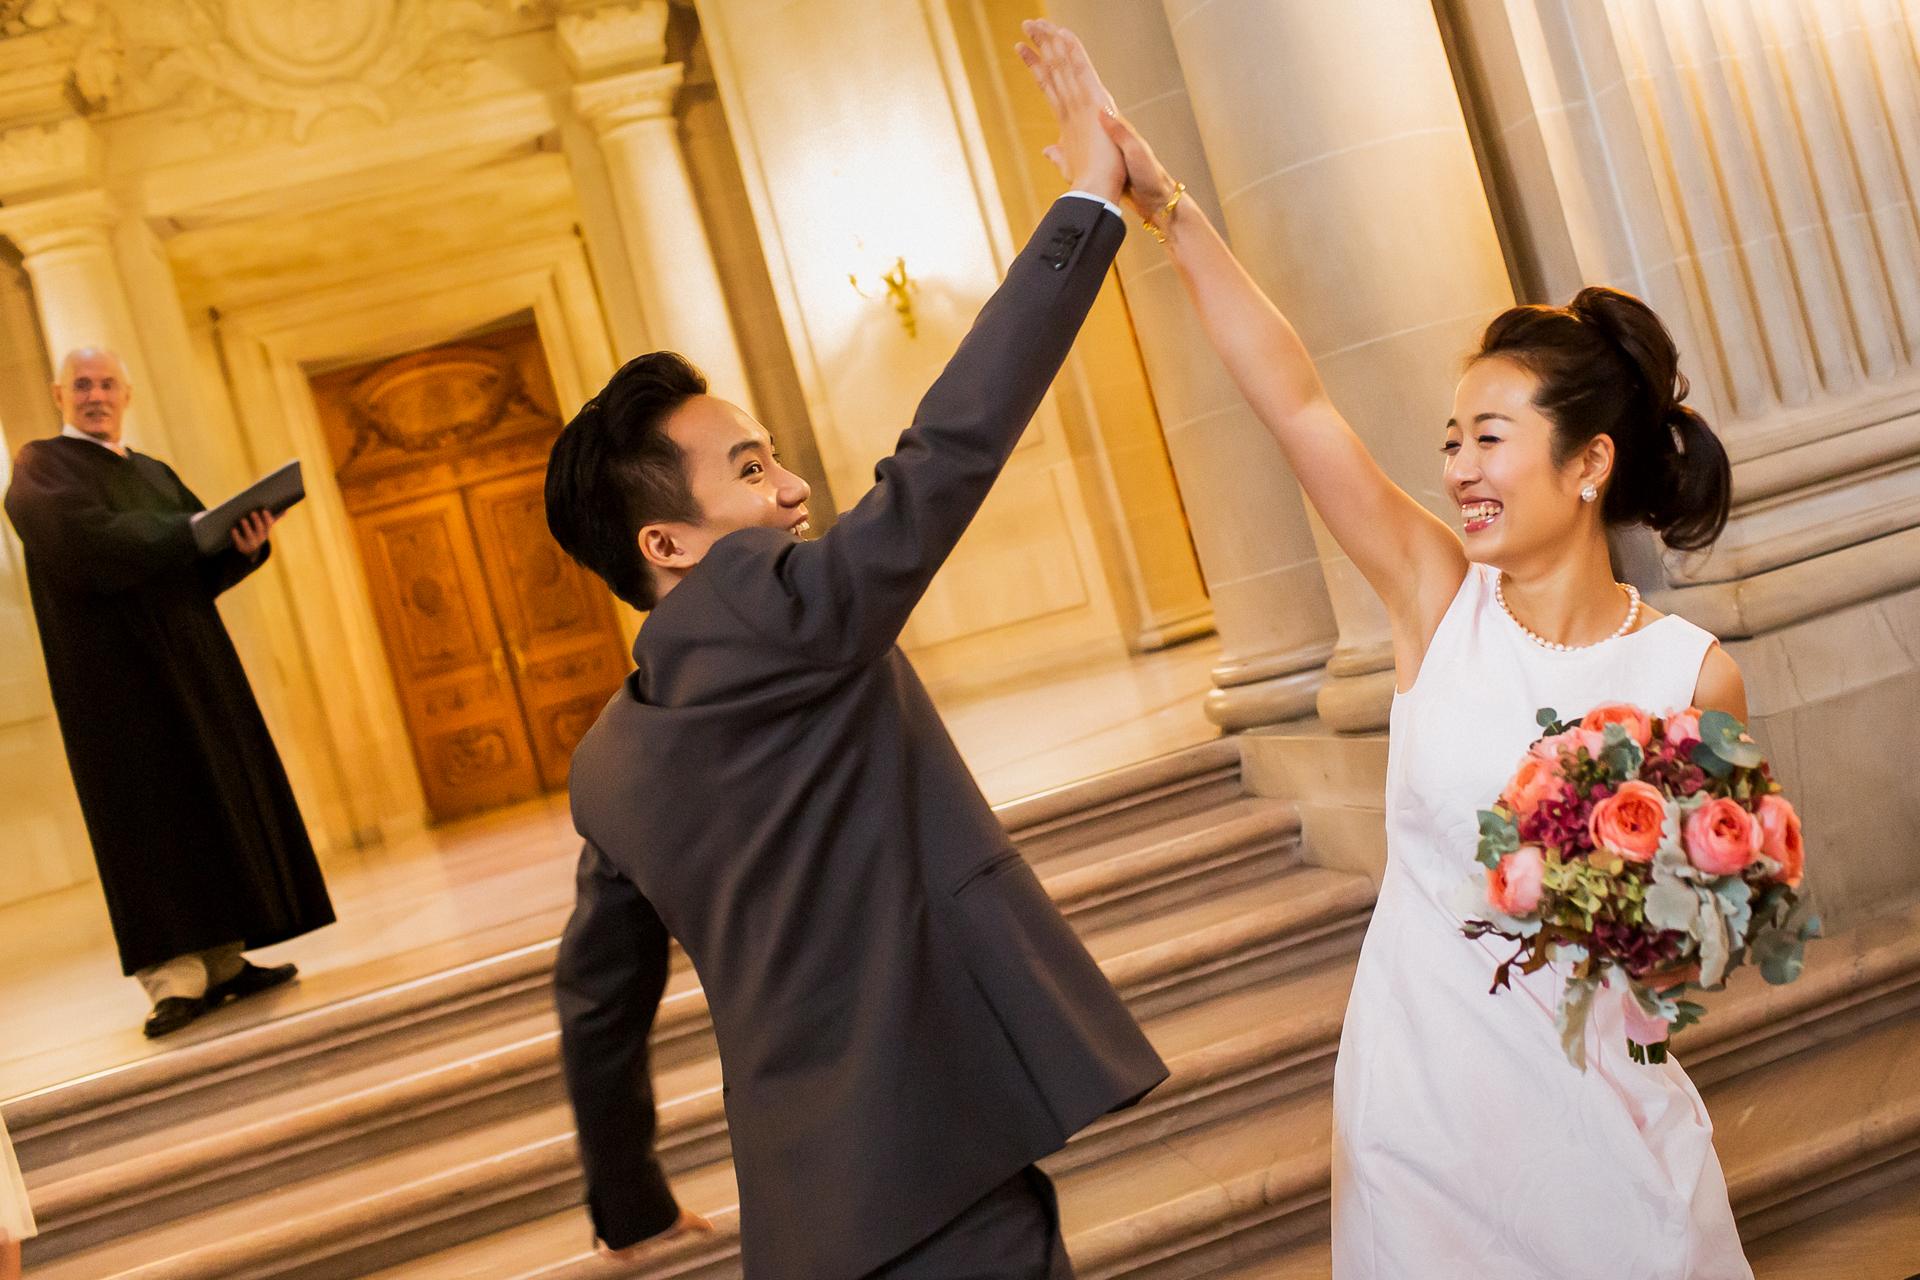 Fotografía del Elopement Civil del Ayuntamiento de San Francisco   La feliz pareja alcanzó los cinco después de su ceremonia.